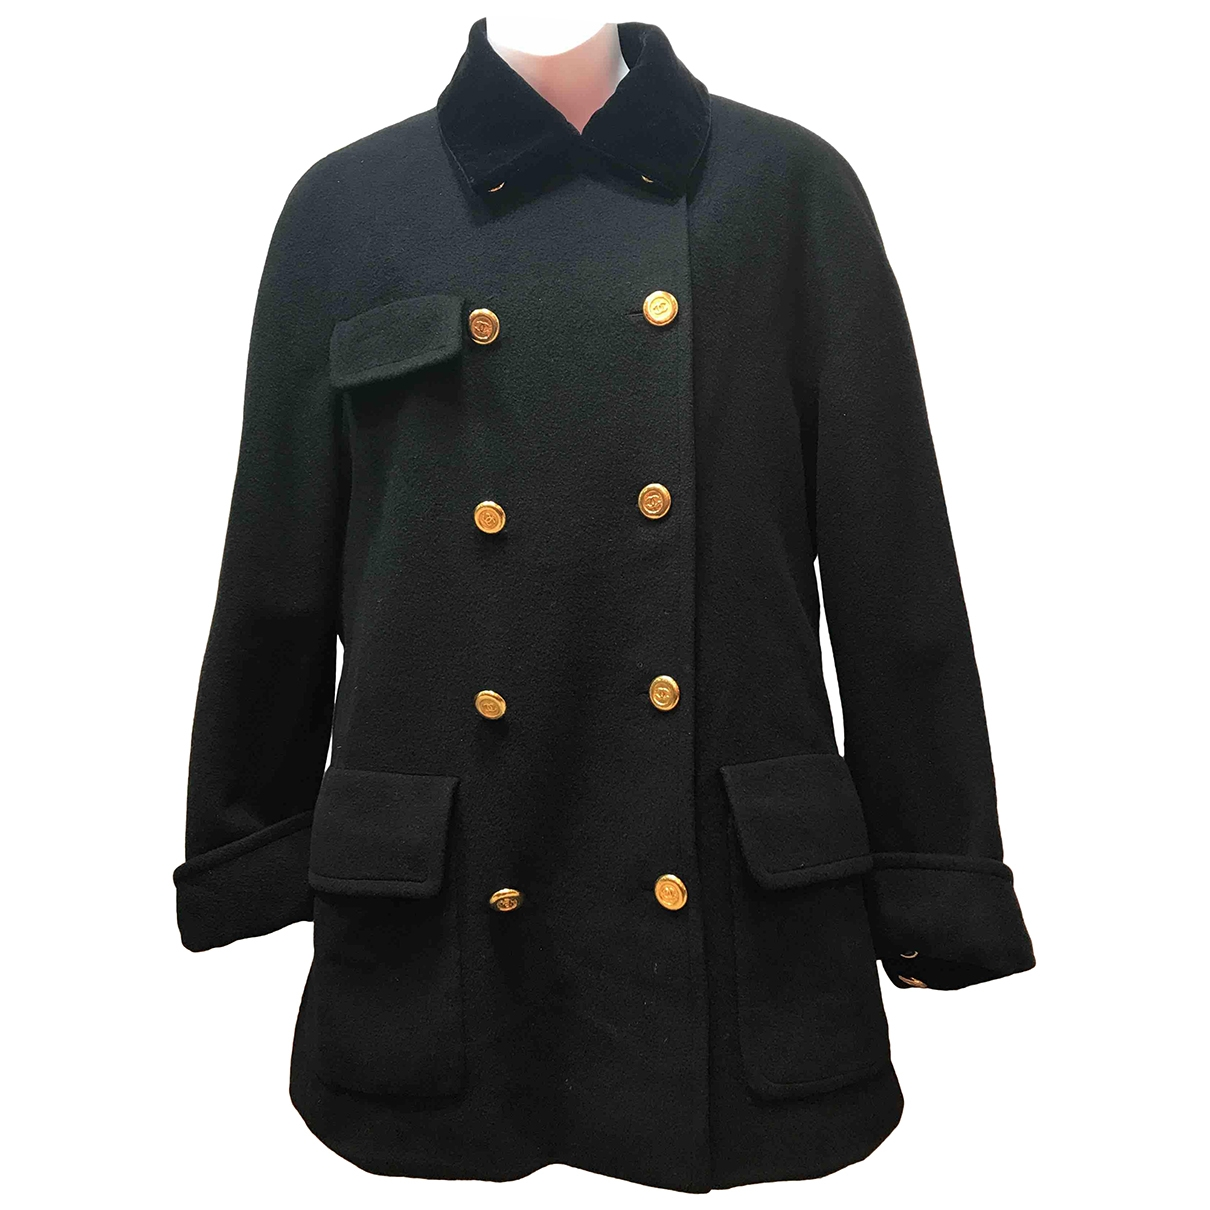 Chanel \N Black Wool coat for Women 12 UK